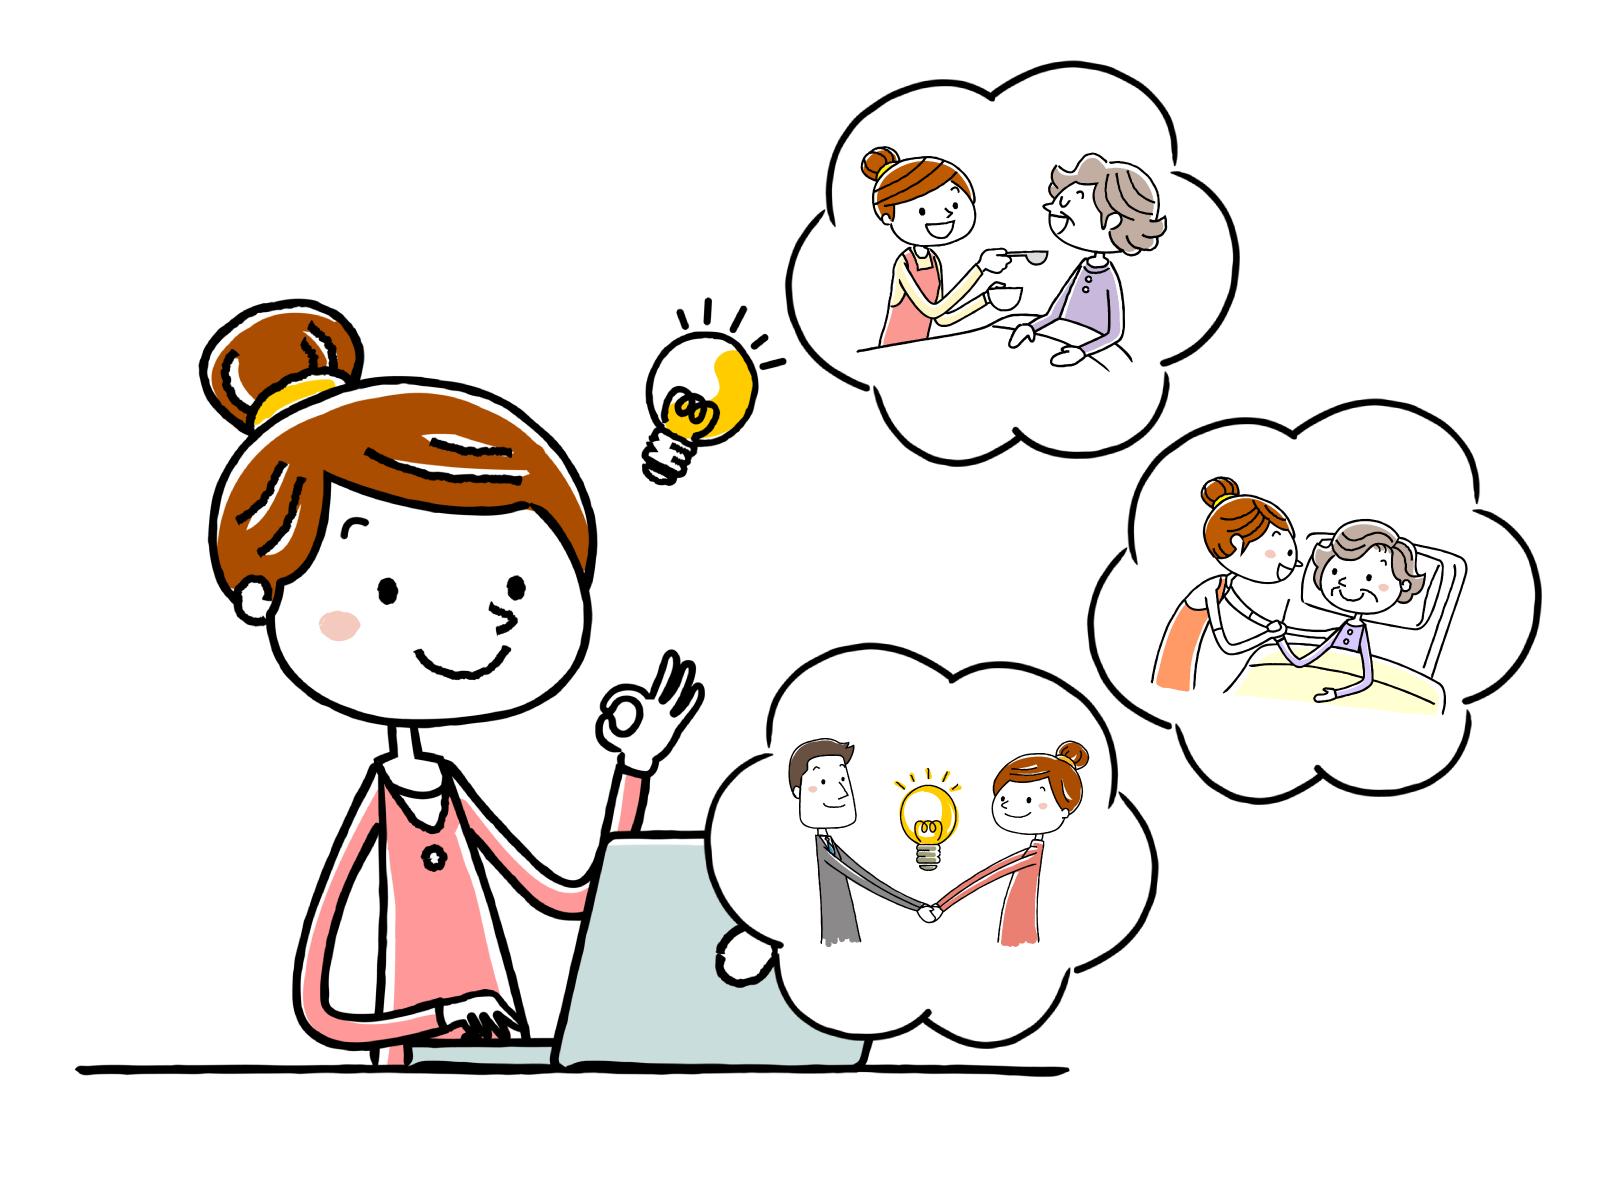 無資格の人が介護現場でできる仕事についてのイメージイラスト